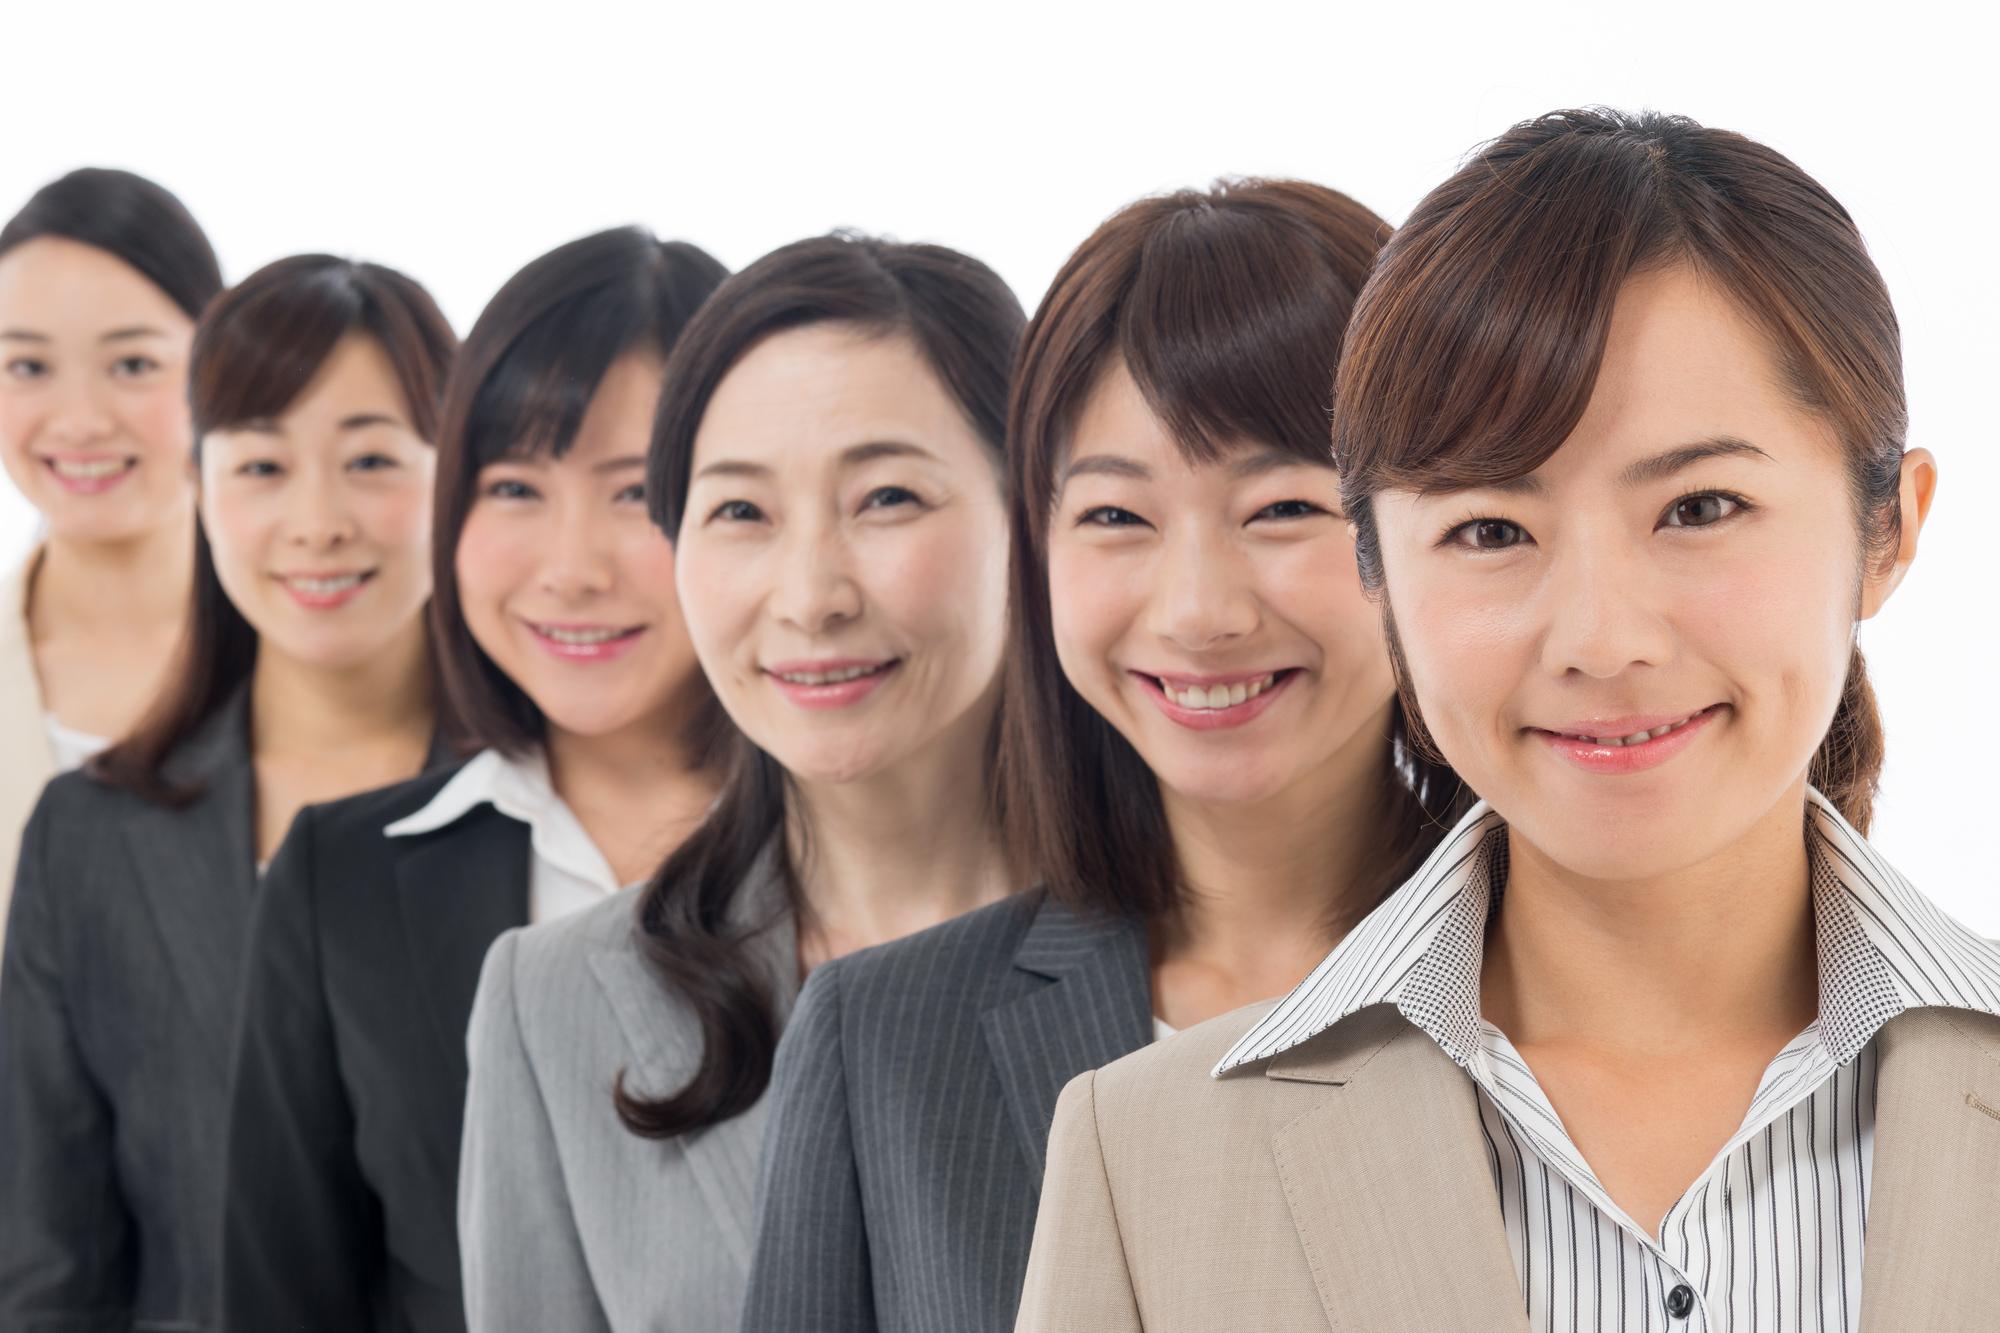 マネセツ156(岩城)専業主婦希望率・第1位の日本/メイン